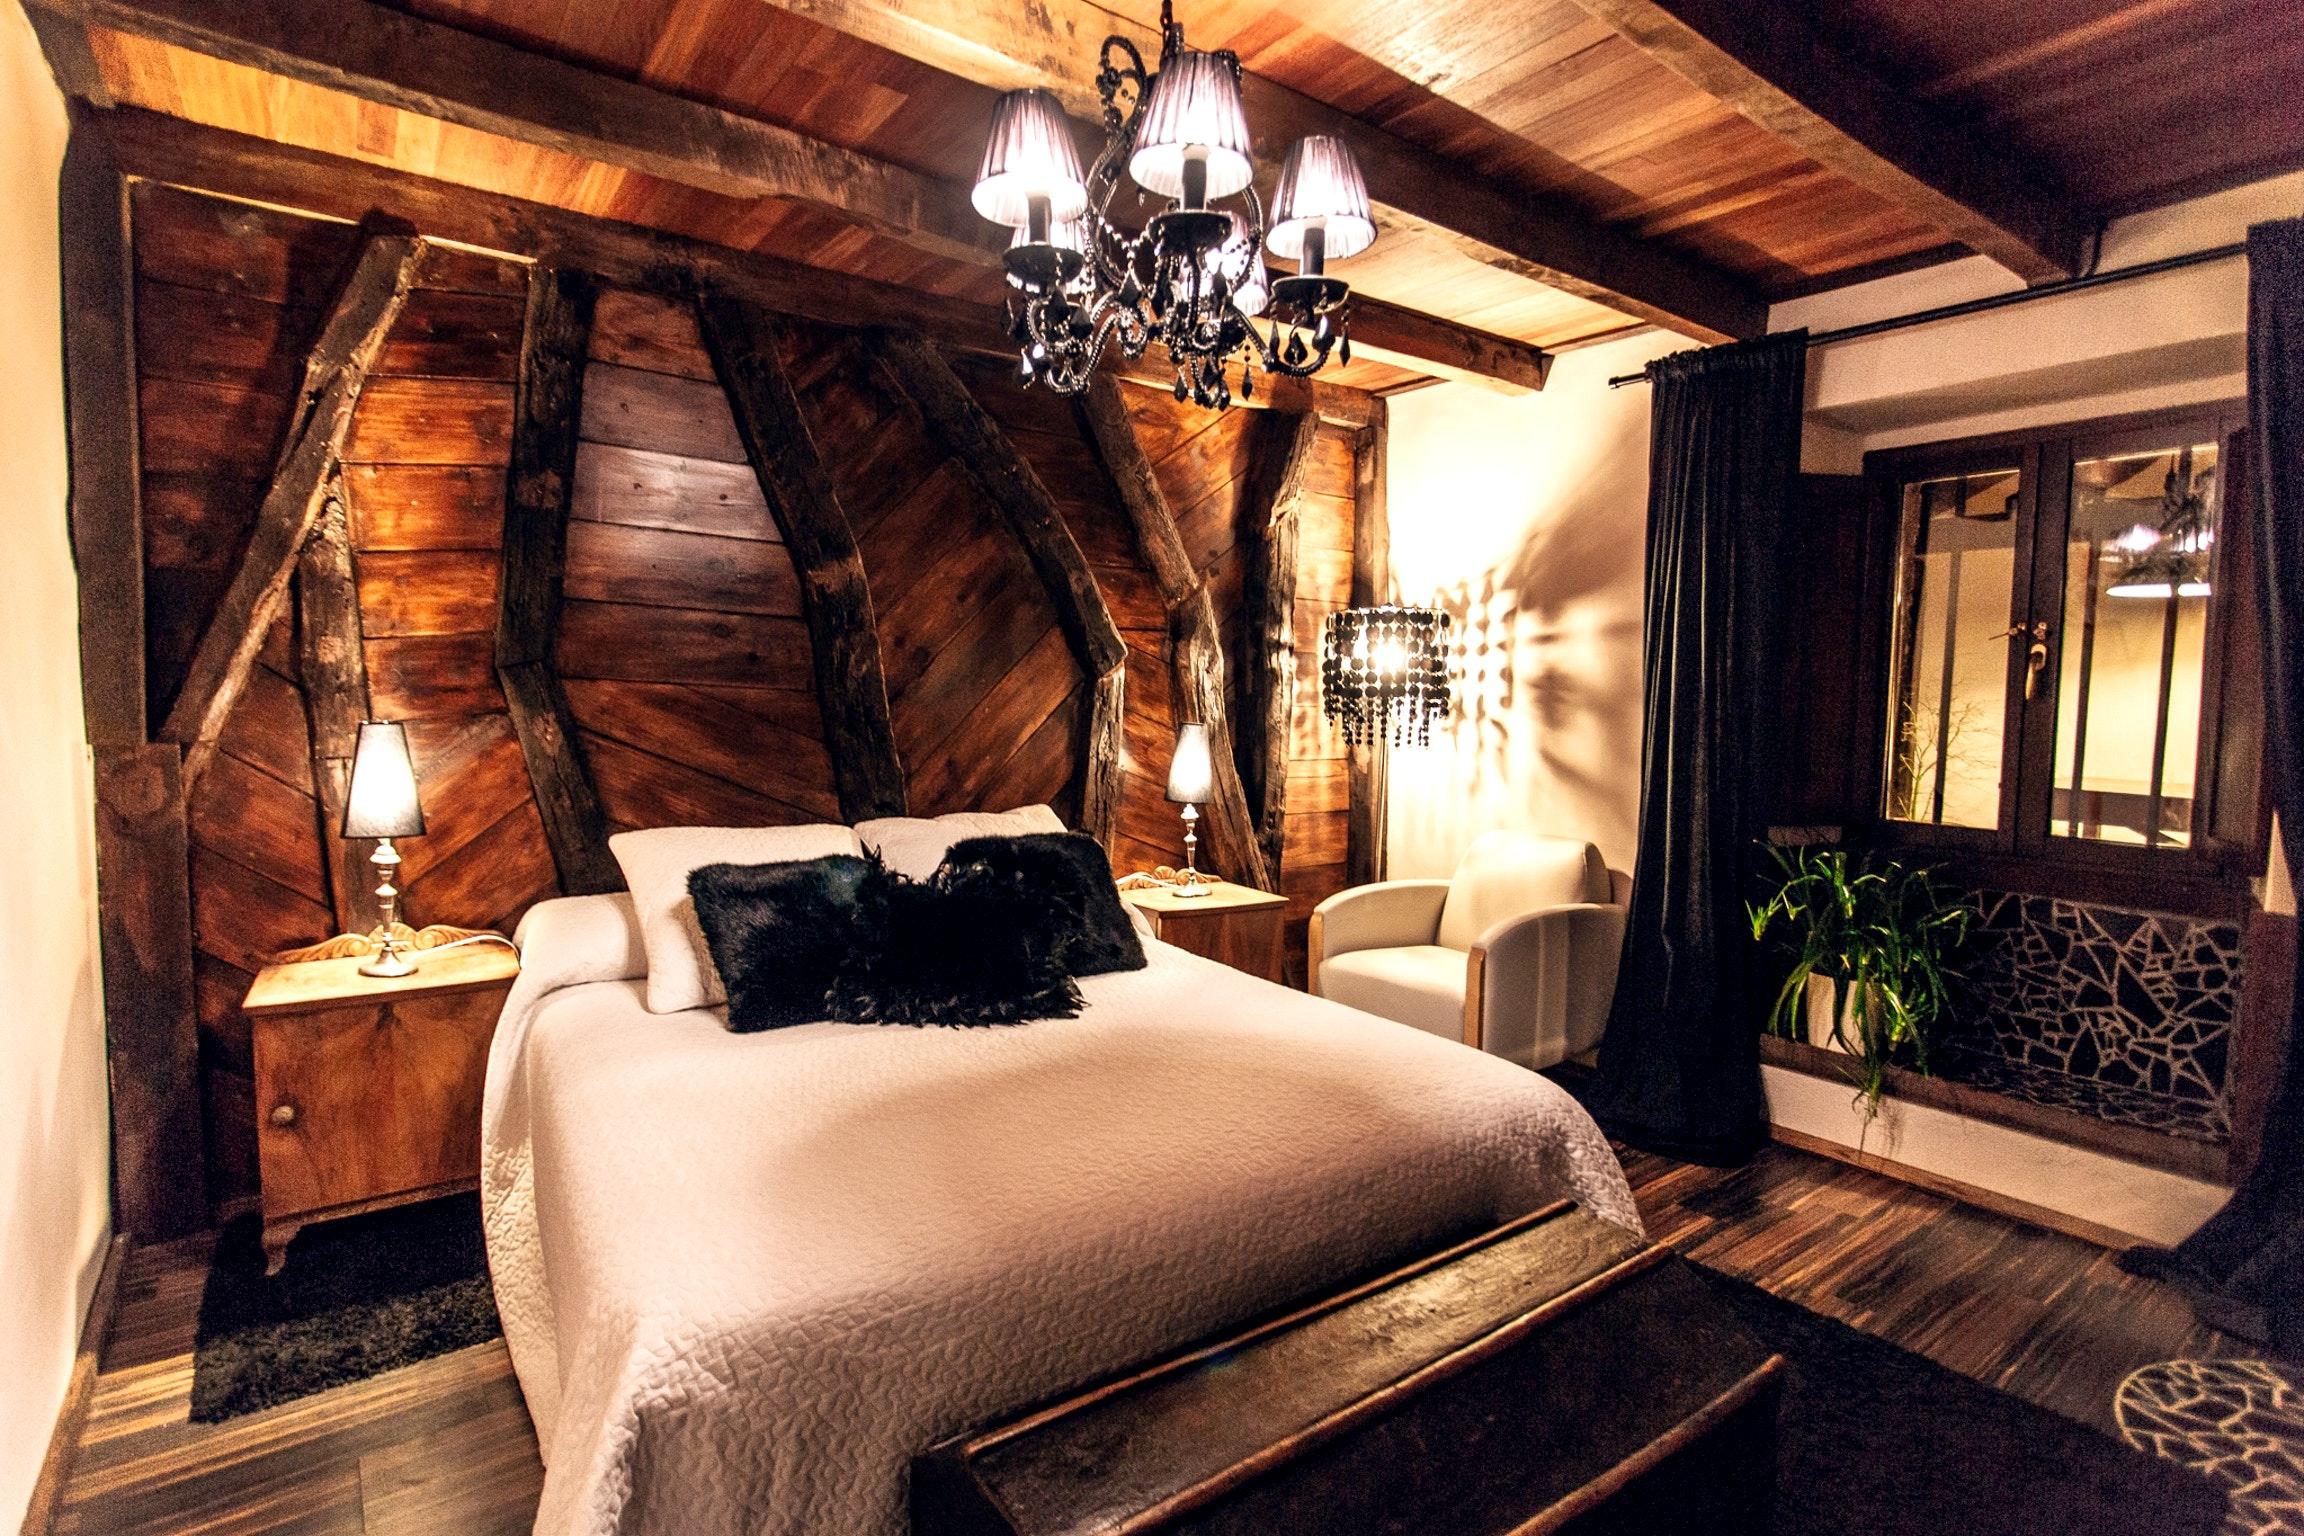 Ferienhaus Haus mit 5 Zimmern in Fuenteodra mit toller Aussicht auf die Berge, eingezäuntem Garten un (2211142), Fuenteodra, Burgos, Kastilien-León, Spanien, Bild 28